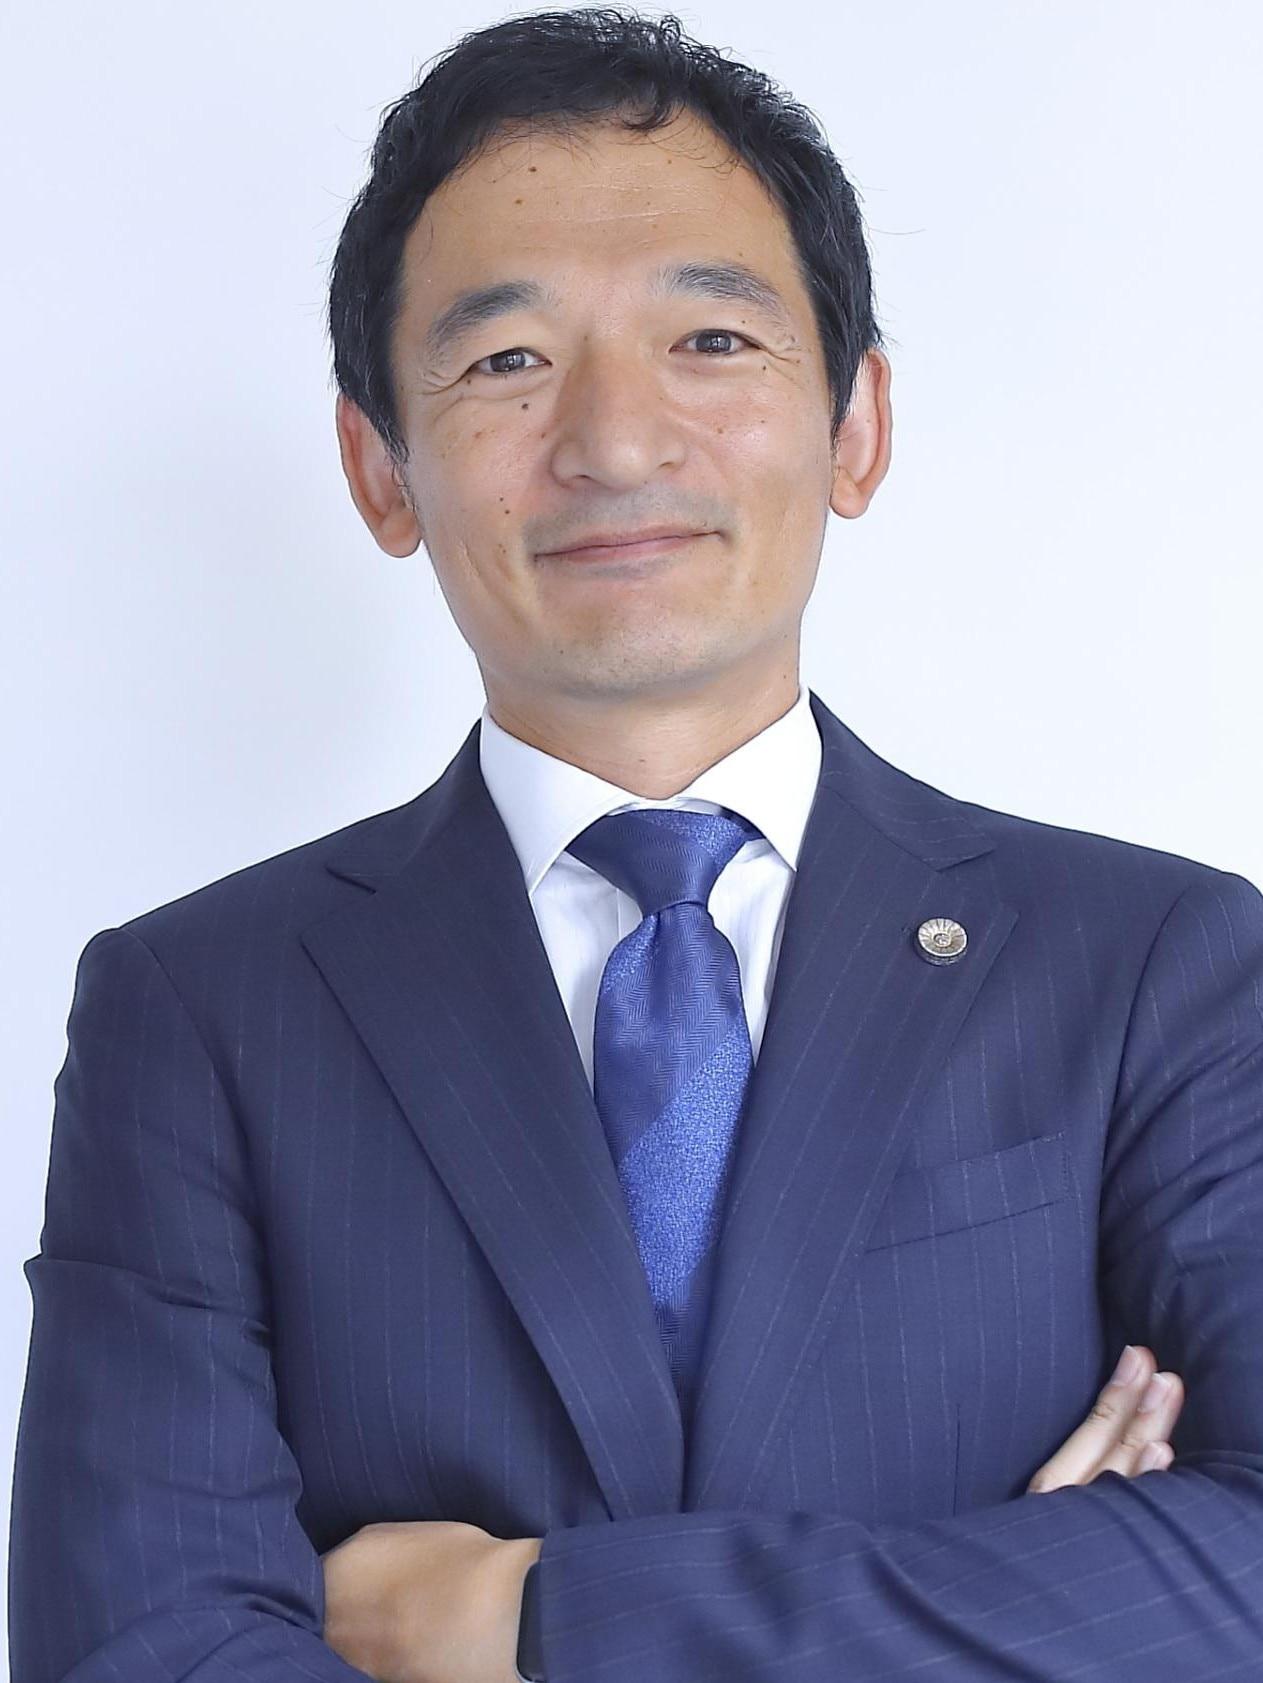 伊藤 諭弁護士